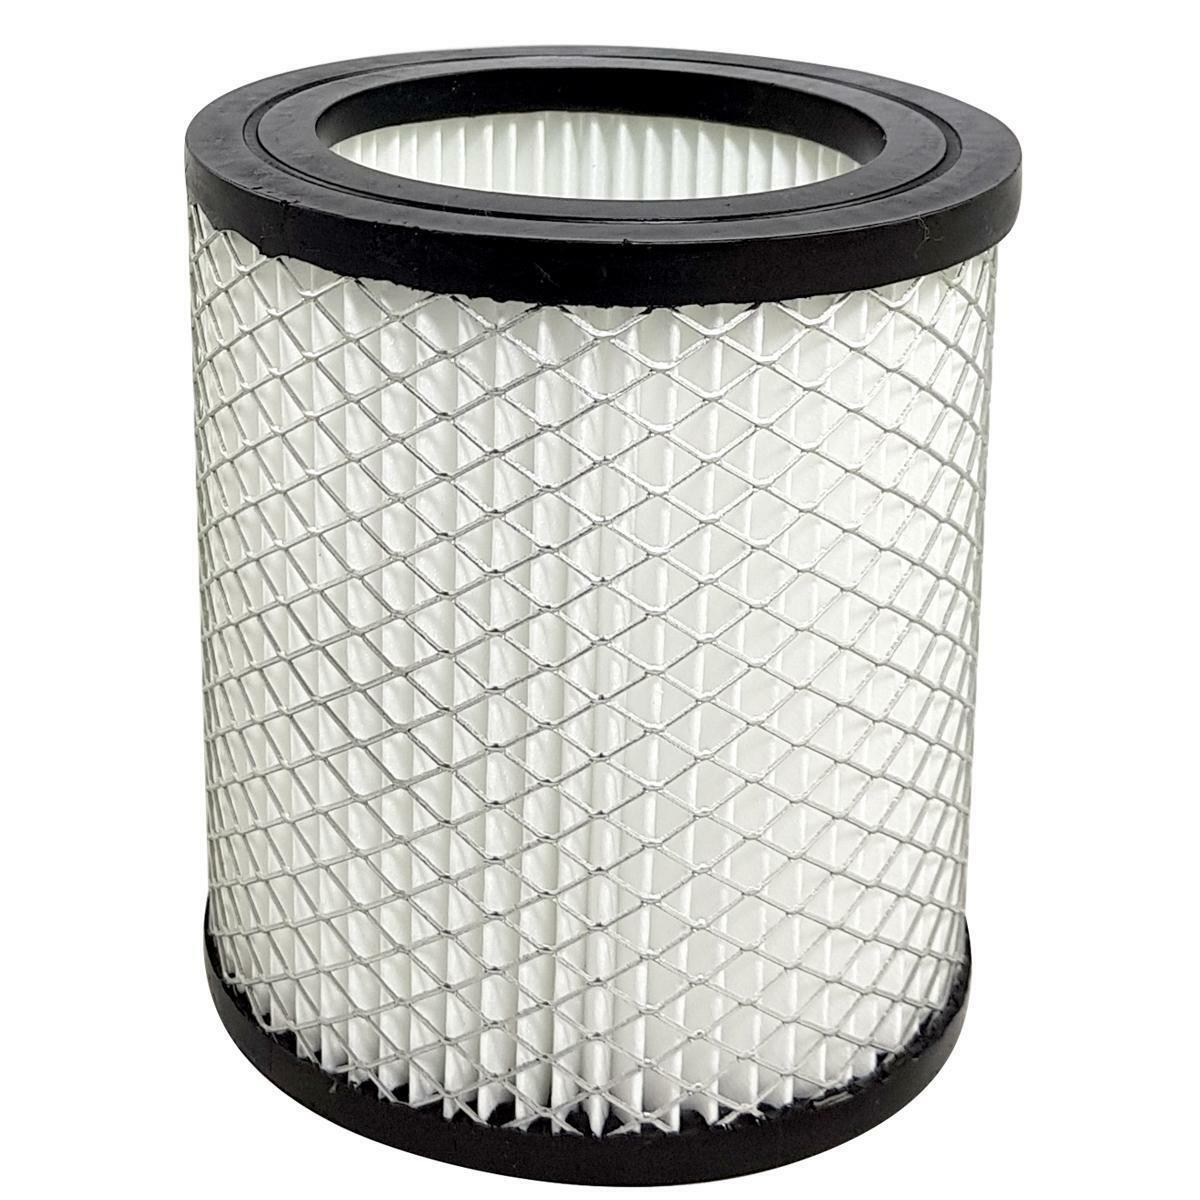 valex filtro a cartuccia per bidone aspiracenere 601